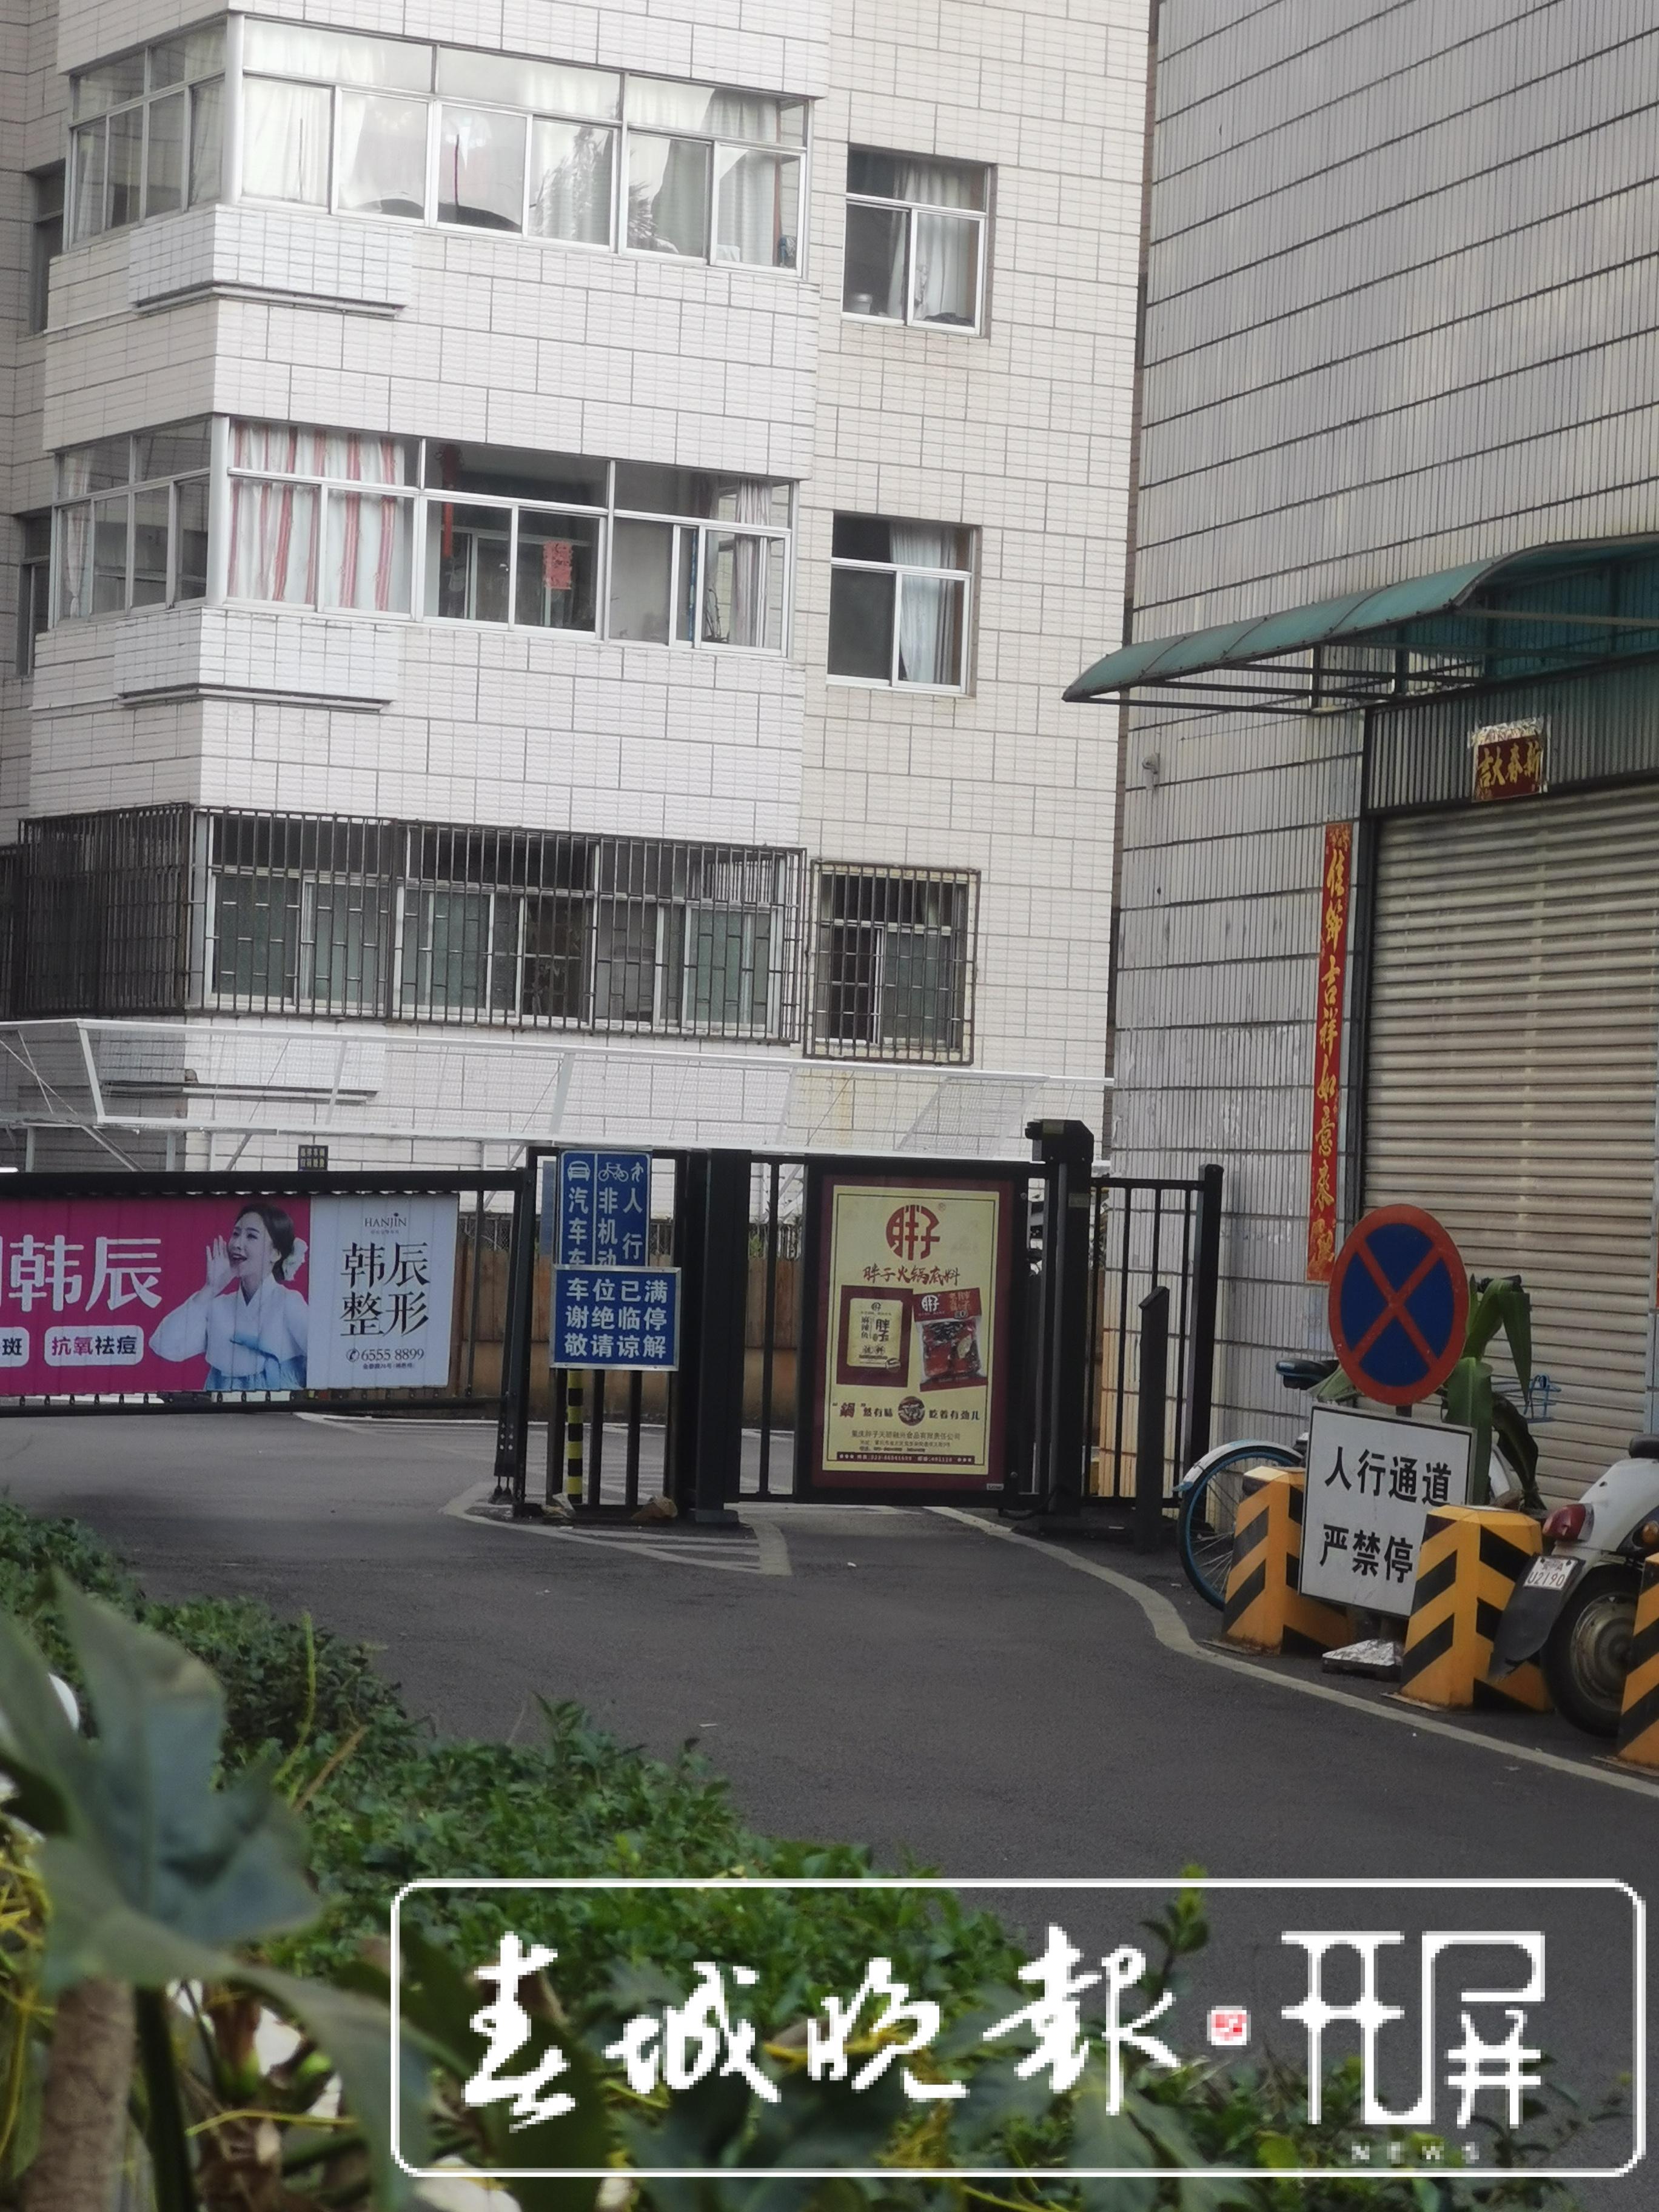 """蓄水池遭污染引居民""""怪病""""小区25日已恢复供水 (5).jpg"""